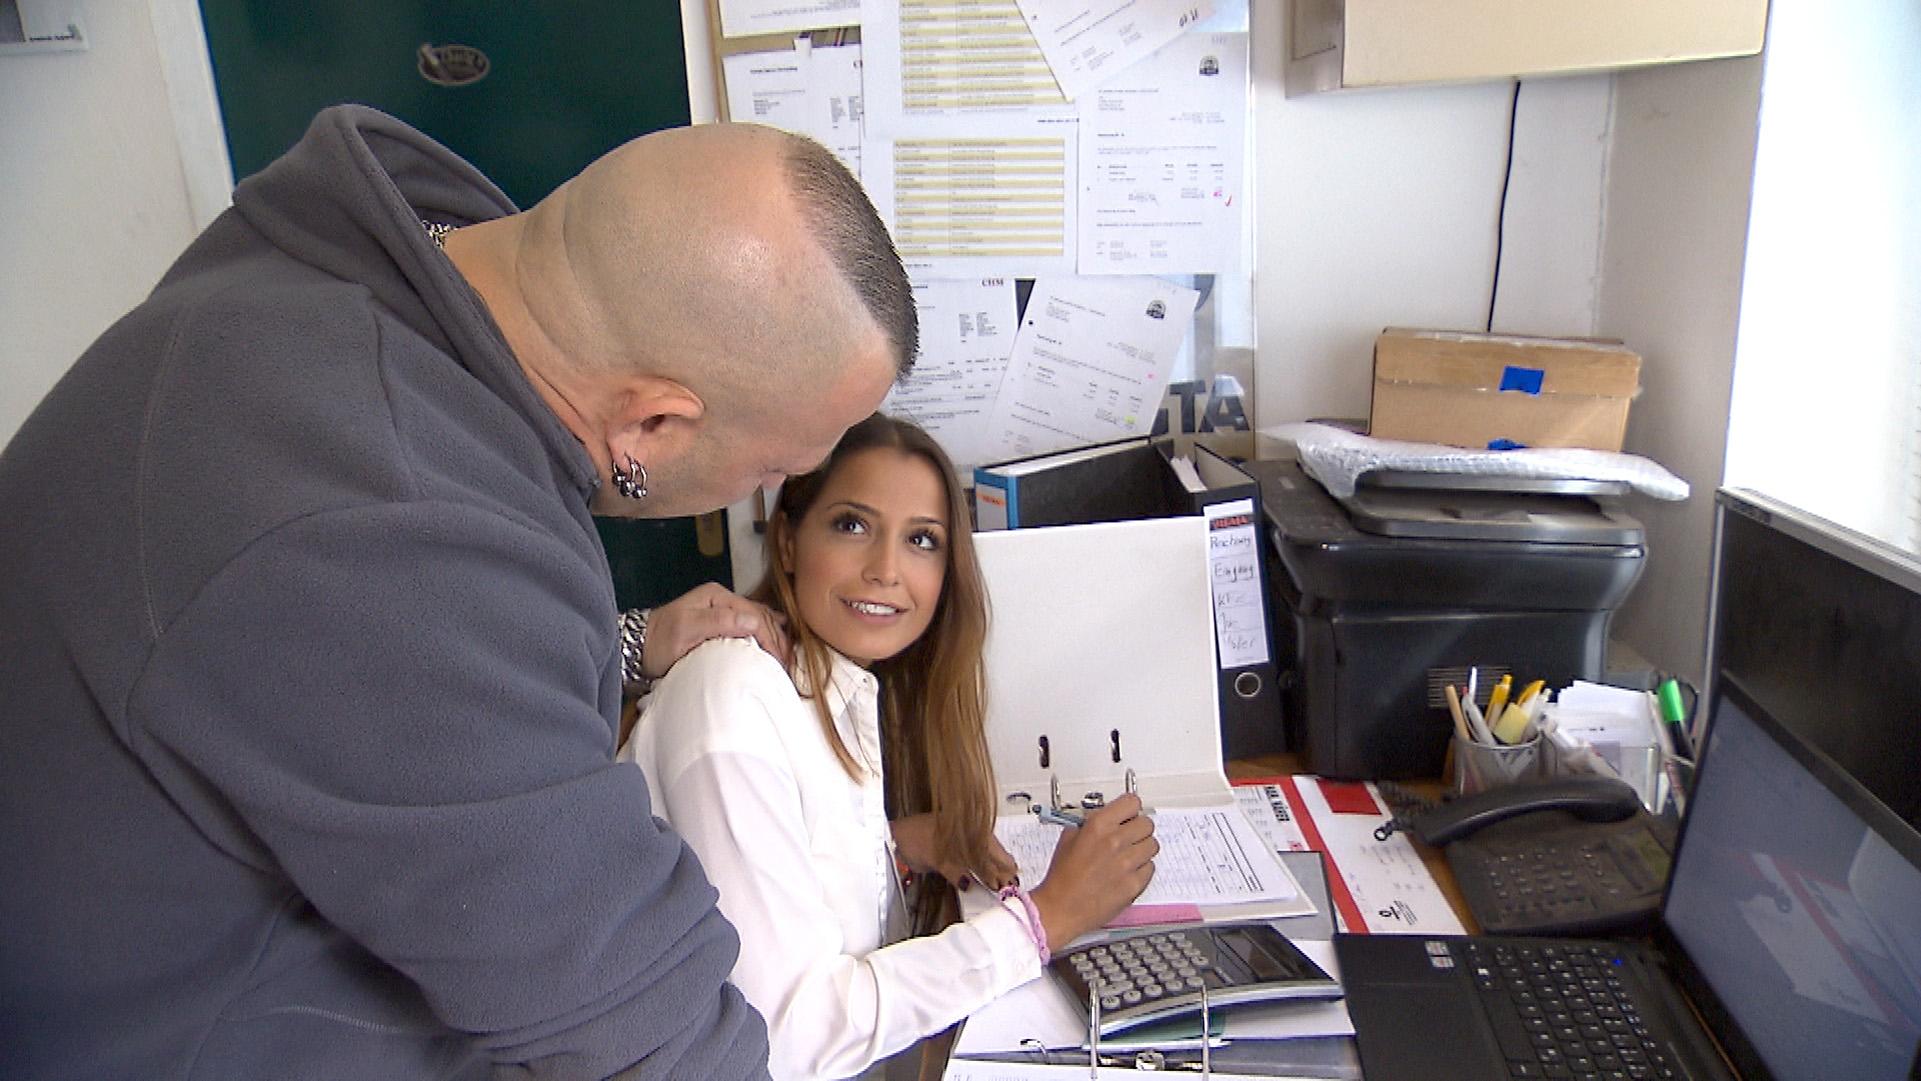 Als Fabrizio spitz kriegt, dass Alessia in der Werkstatt aushilft, glaubt er sich schon so gut wie am Ziel: Er wird die hübsche Italienerin heute rumkriegen... (Quelle: RTL 2)